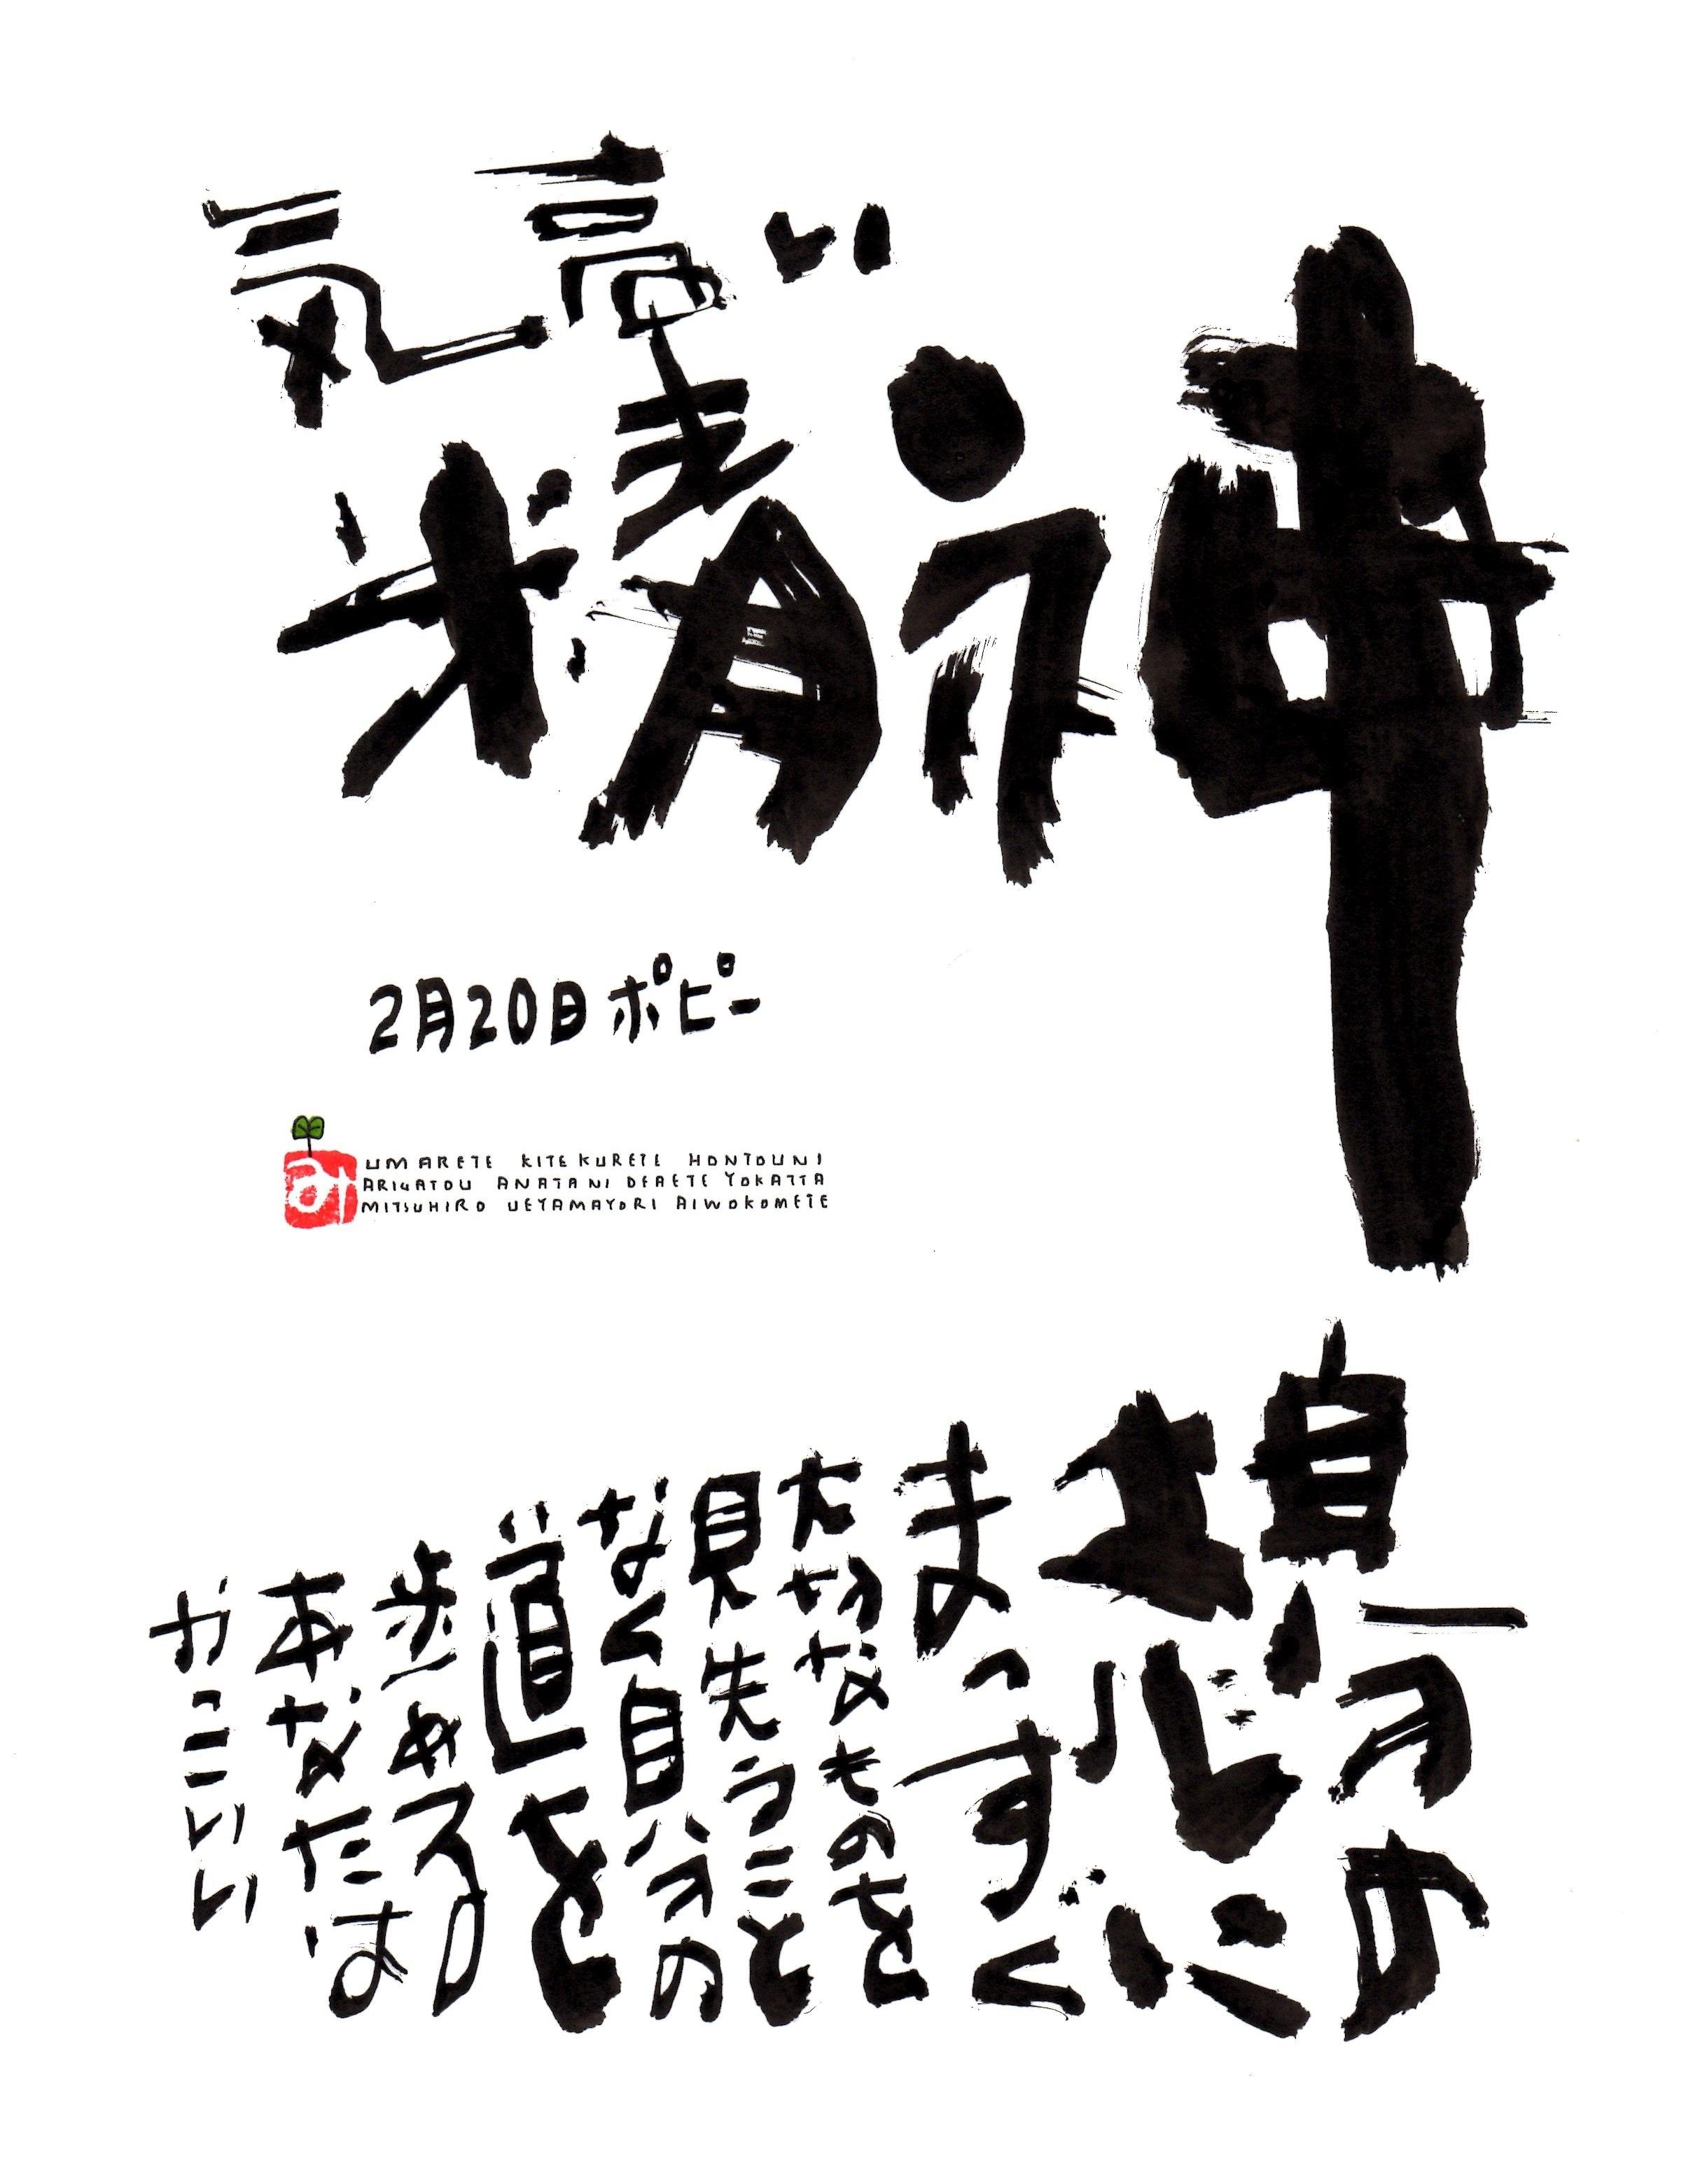 2月20日 誕生日ポストカード【気高い精神】Noble spirit